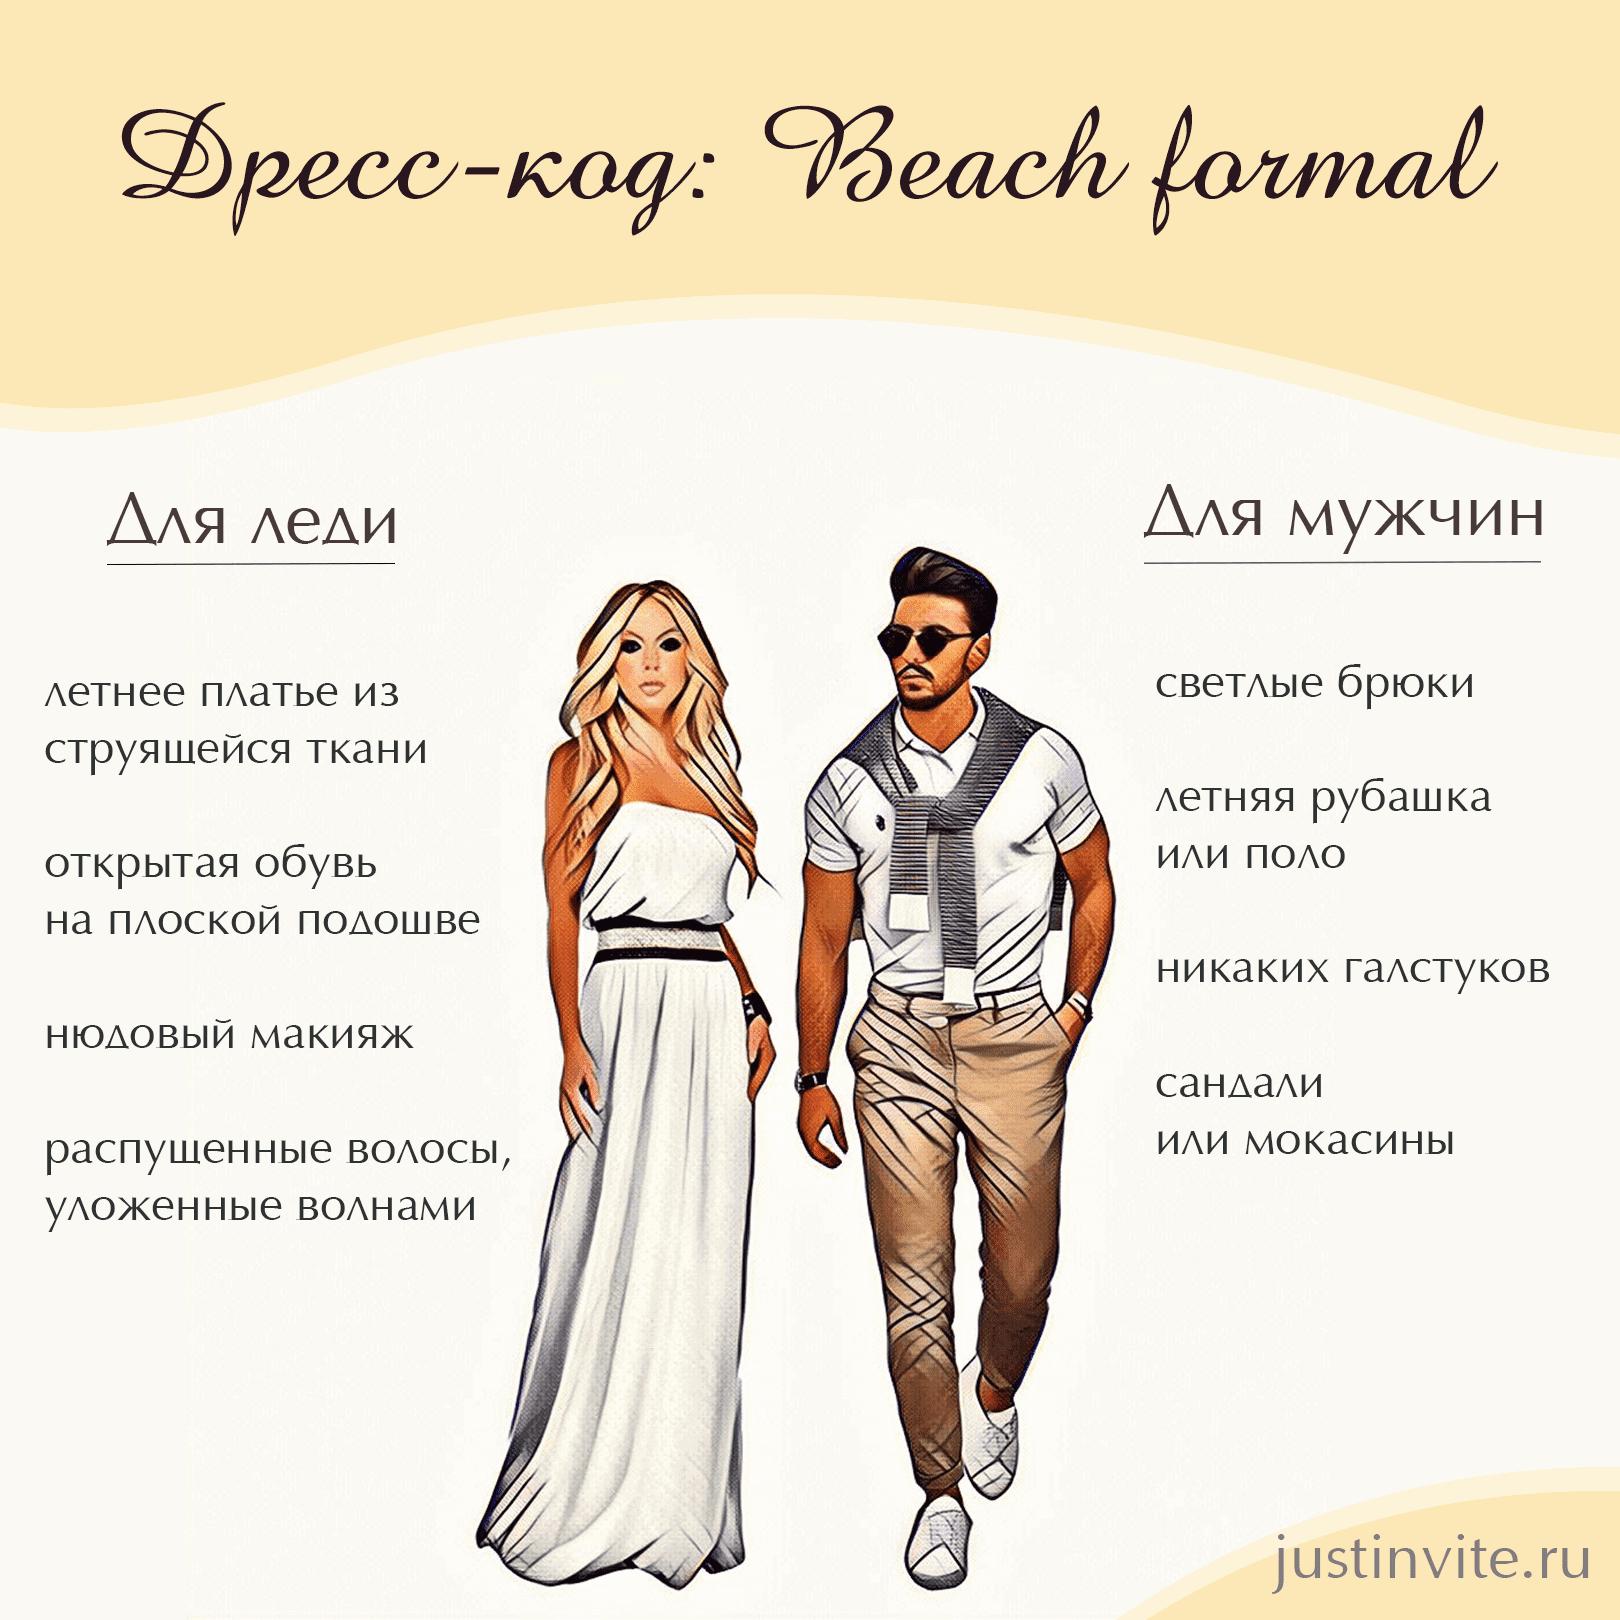 Дресс-код Beach formal или Riviera style для женщин и мужчин на свадьбу, день рождения или вечеринку.